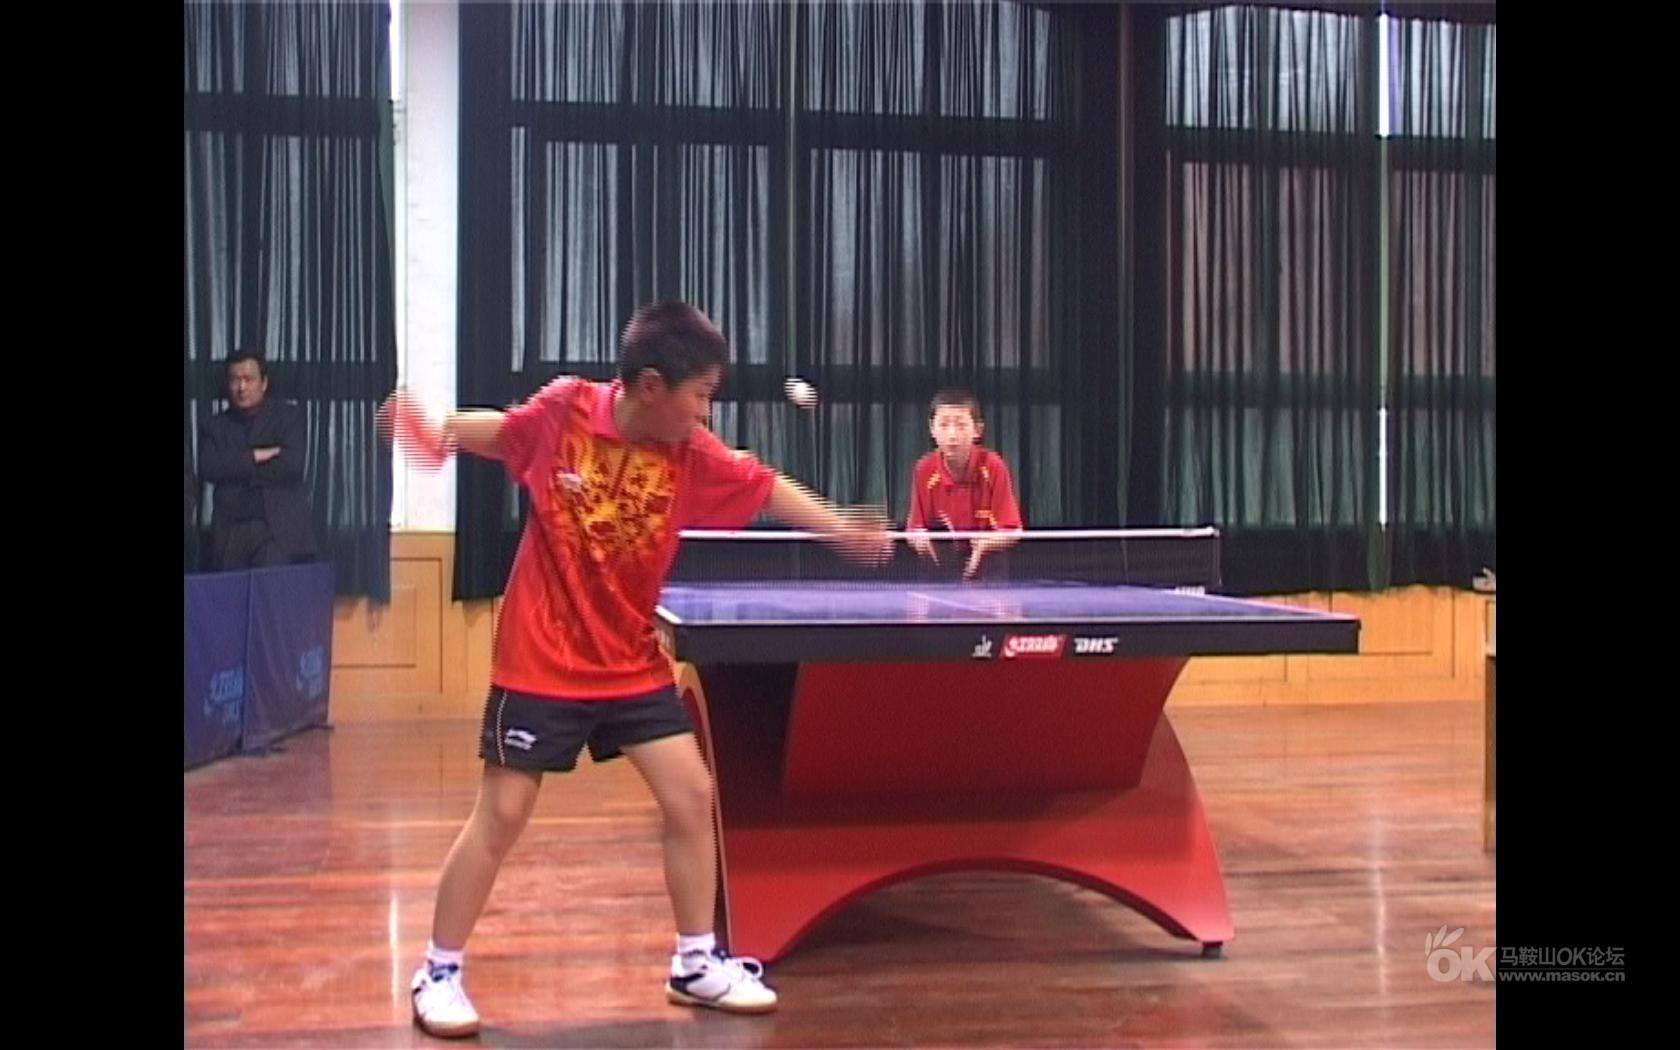 2010年马鞍山市中小学乒乓球比赛即时报道-斗鸡怎么洗水才好图片